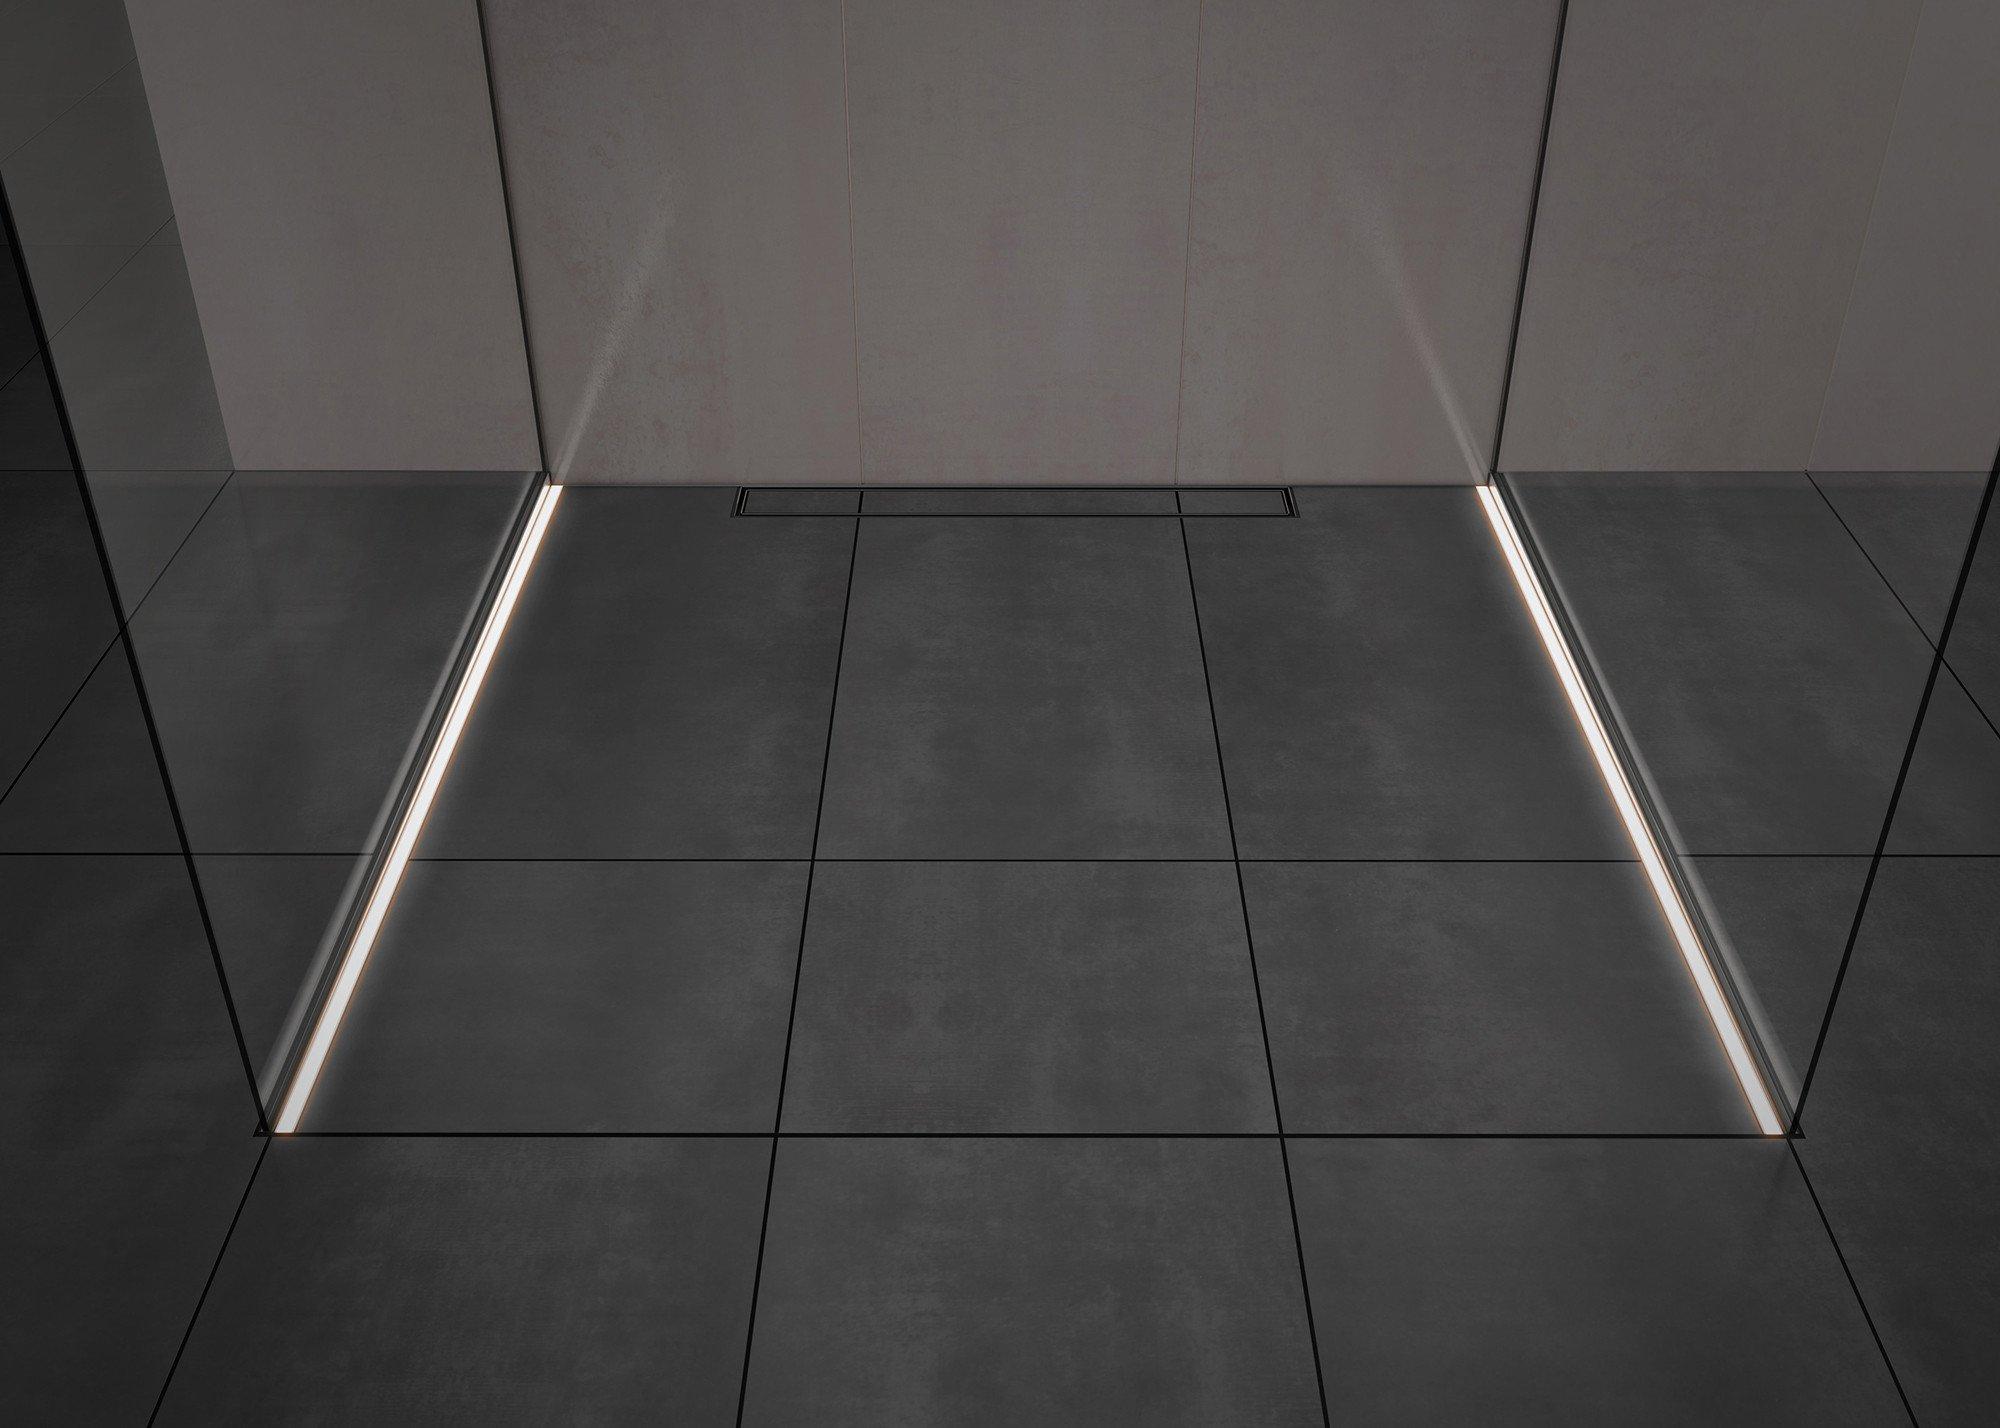 beleuchtung bad und sanit r gestaltung baunetz wissen. Black Bedroom Furniture Sets. Home Design Ideas